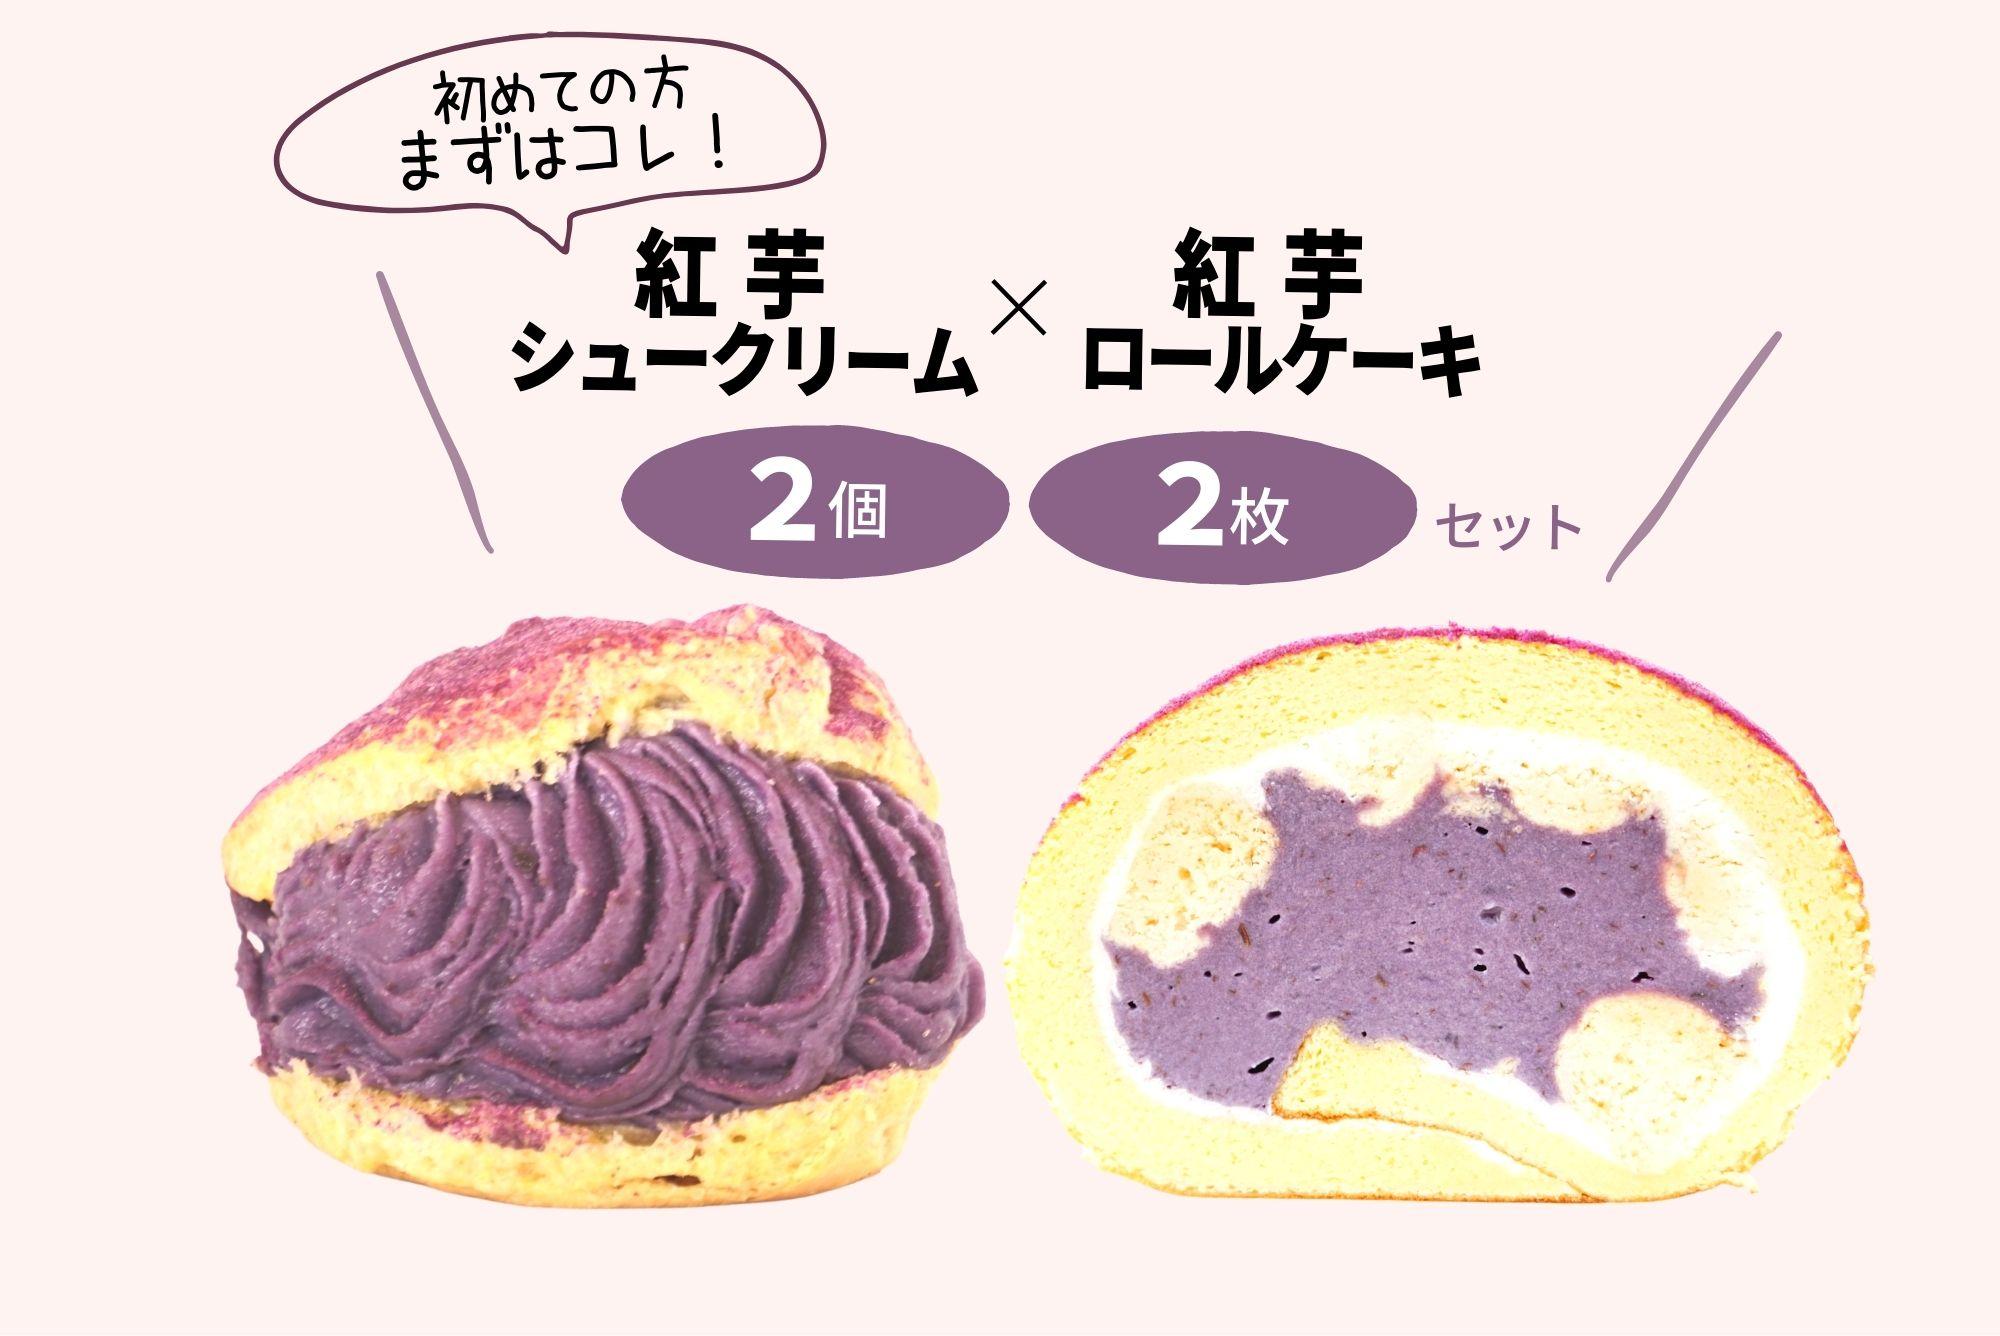 初めての人はこれ!【お試しニコニコセット】 無添加 紅芋シュークリーム2個&ロールケーキ2枚 冷凍【送料込み】